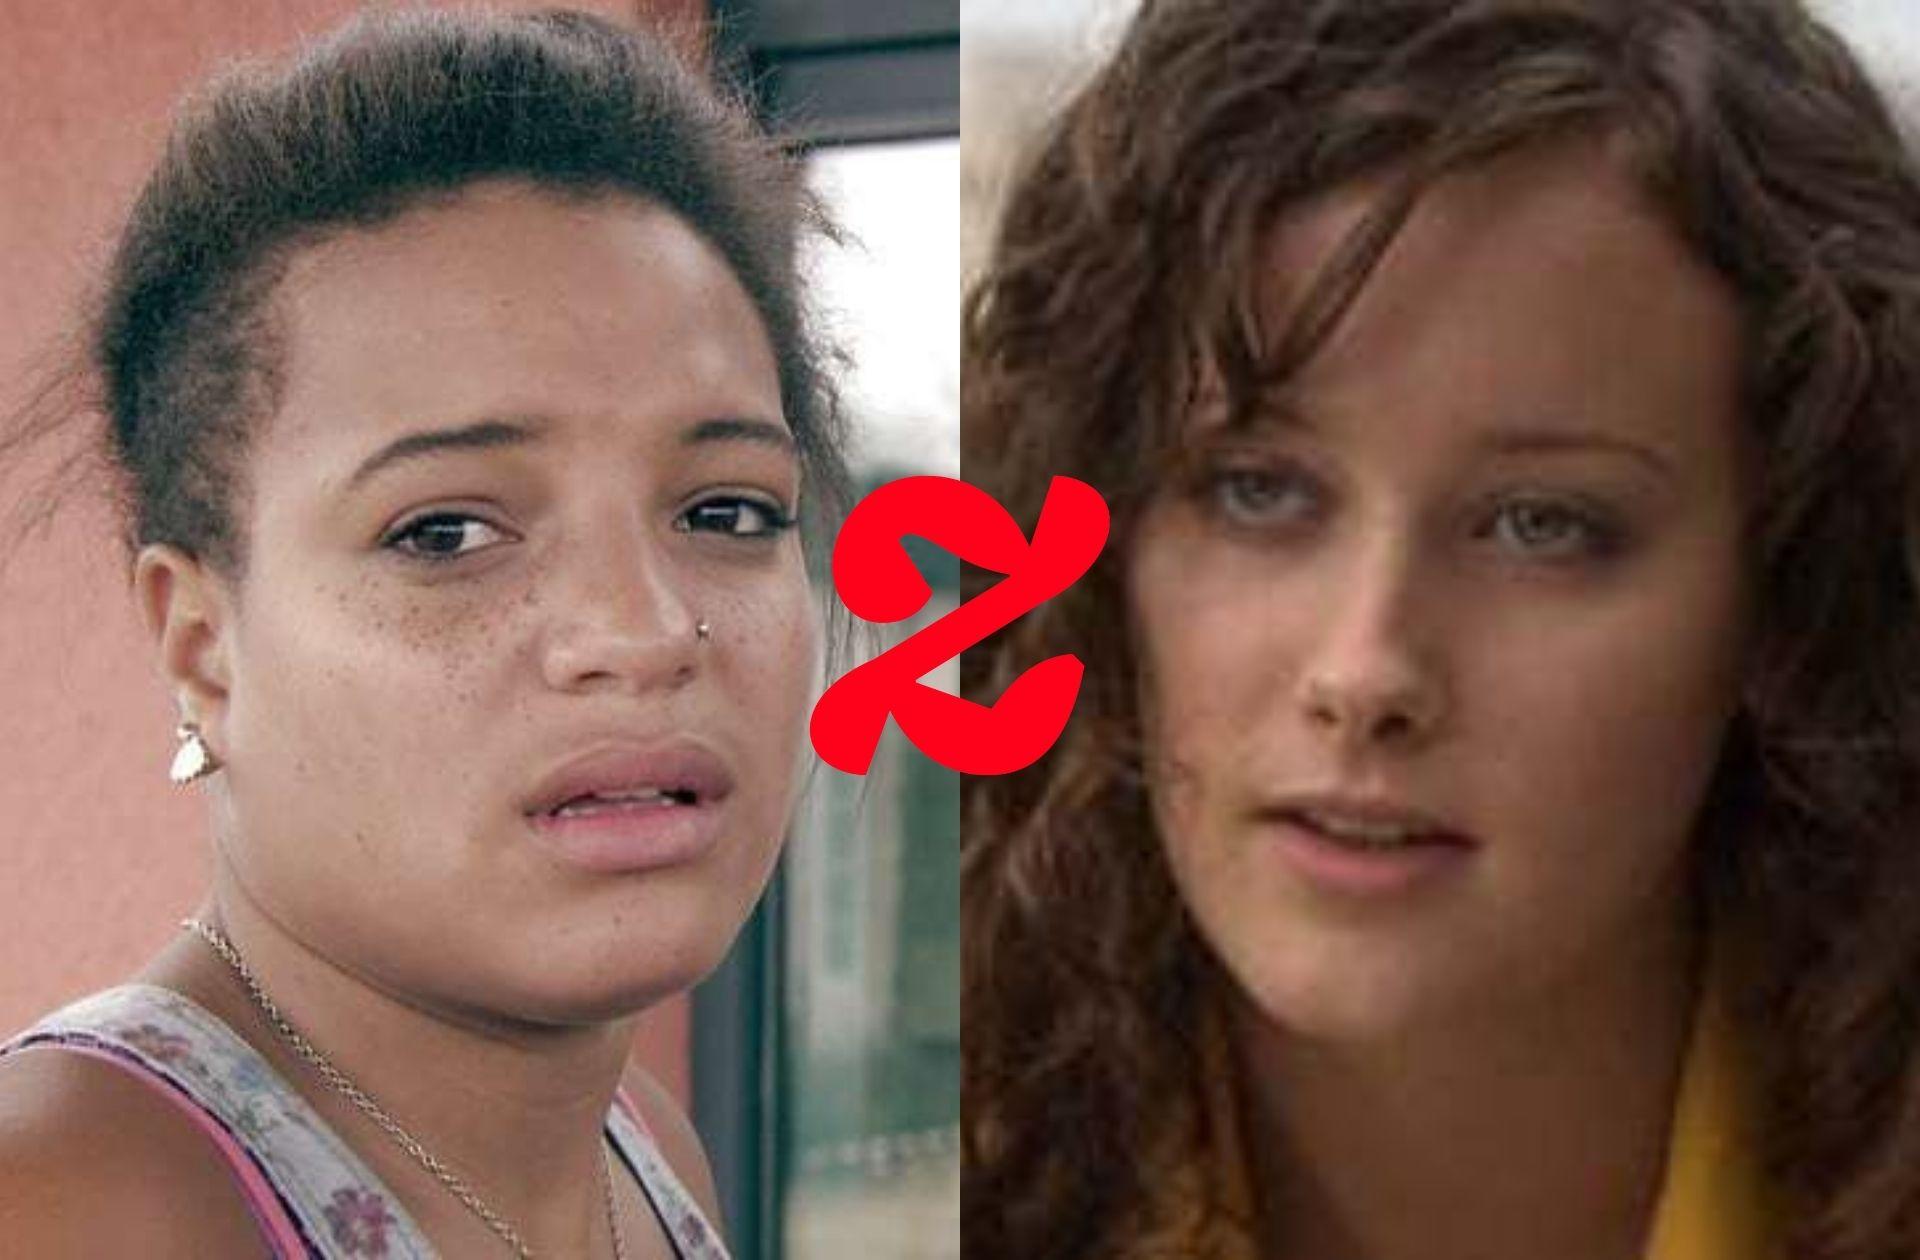 Scènes de sexe traumatisantes, body-shaming… les actrices de « Skins » racontent l'enfer des tournages